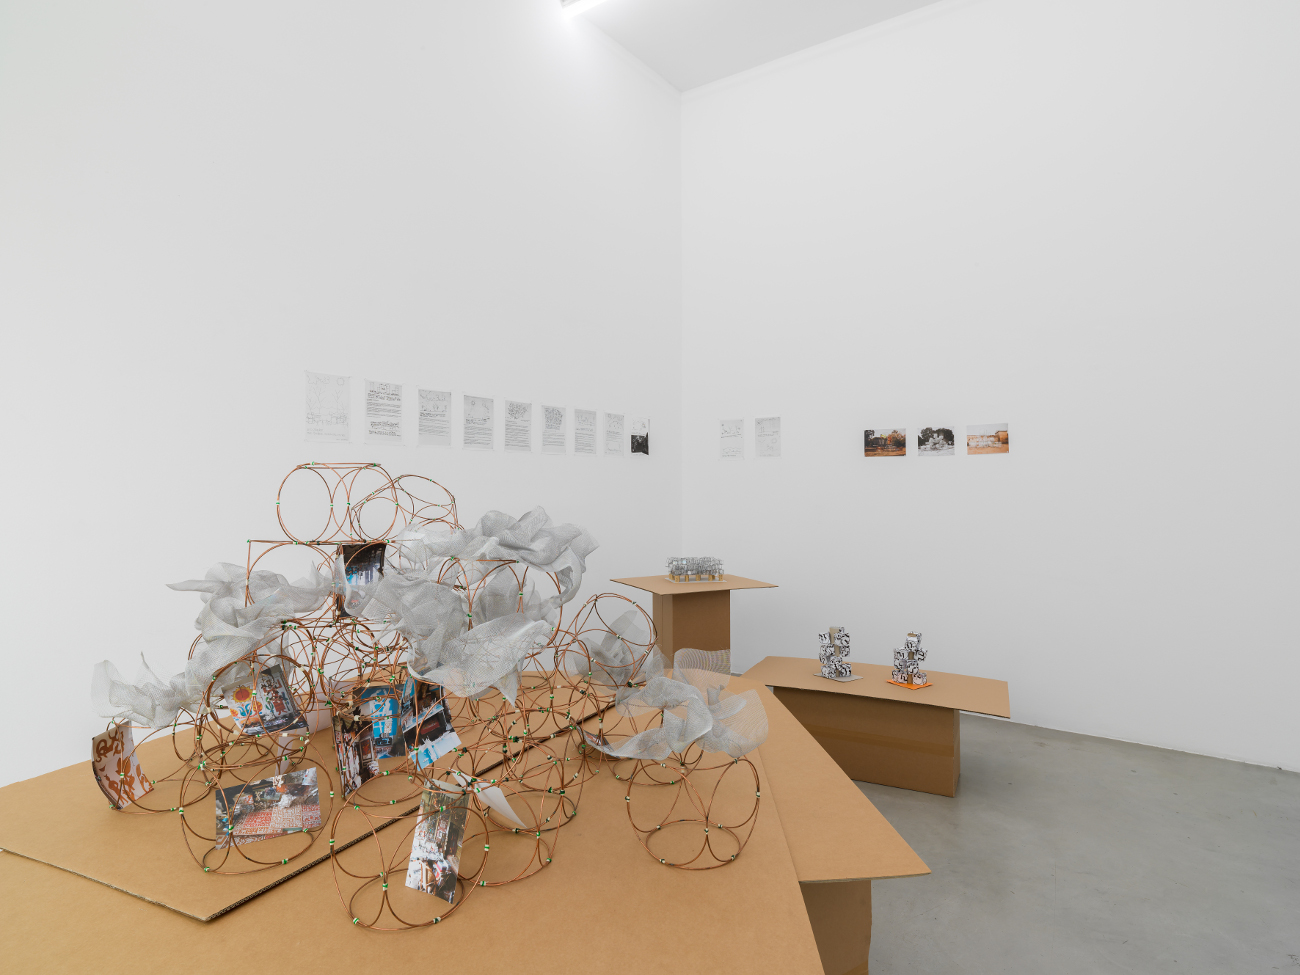 Yona Friedman   sculpting the void. une proposition de Yona Friedman avec Le Fonds de Dotation Denise et Yona Friedman, at Francesca Minini, Milan